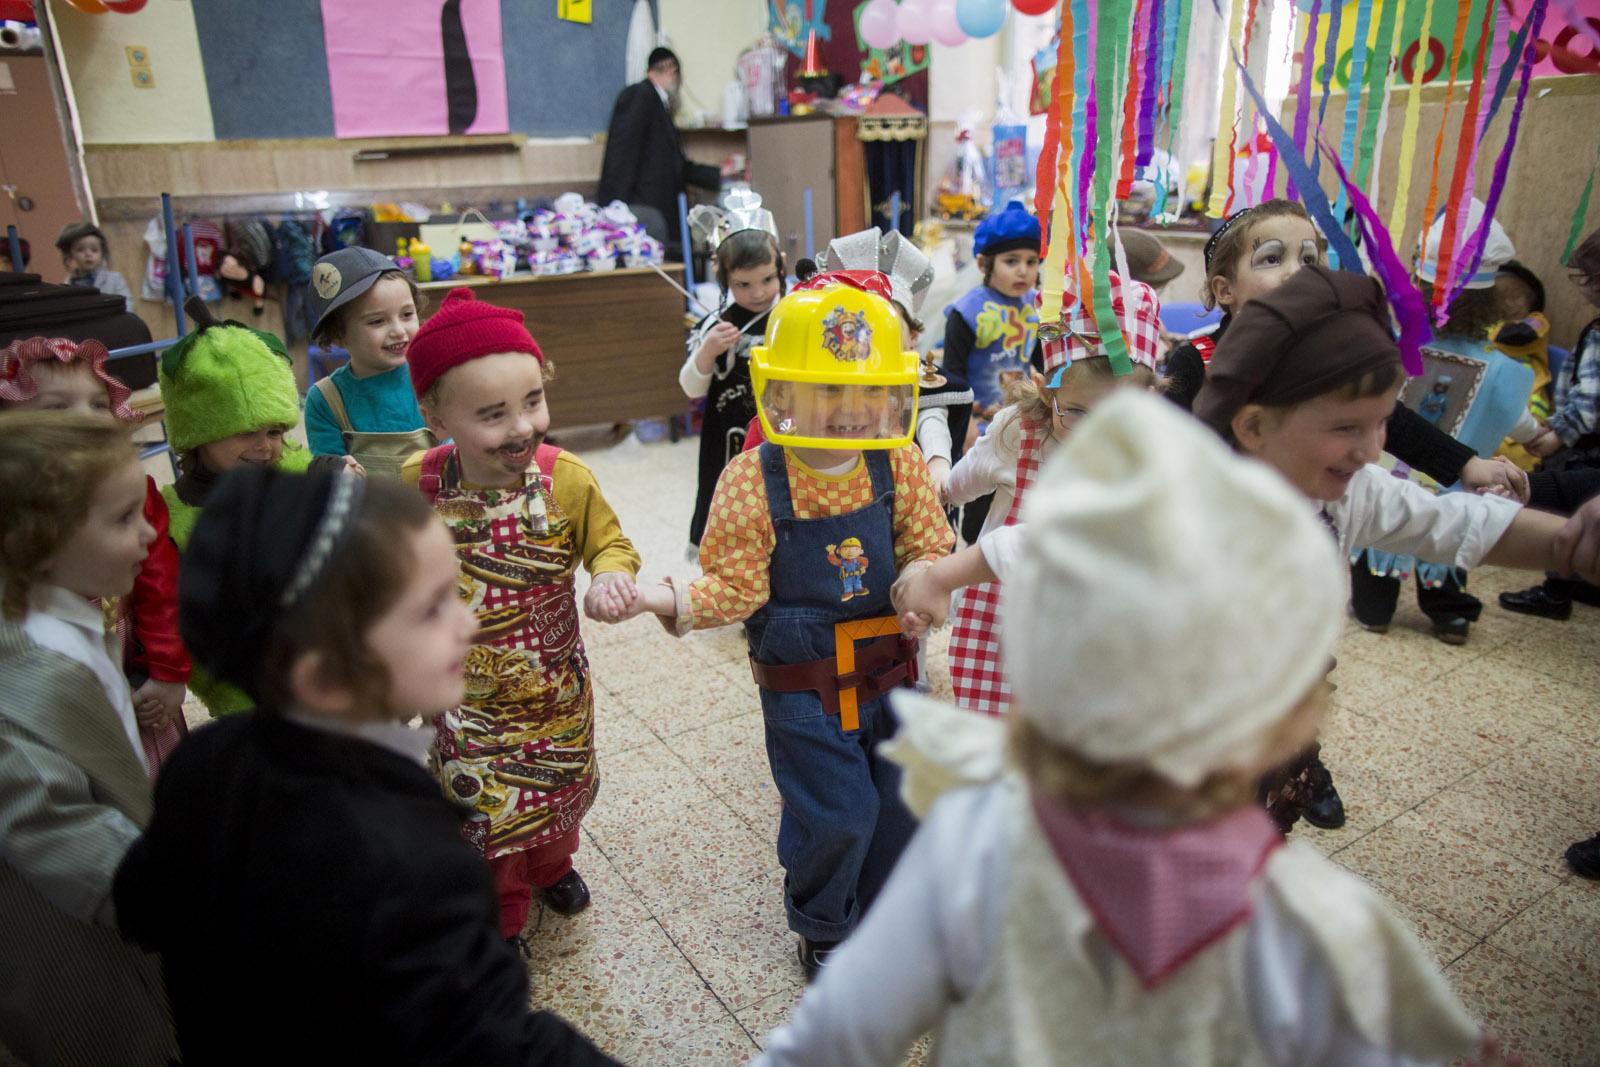 Kindergarten children dressed up for Purim. Photo by Yonatan Sindel/FLASH90